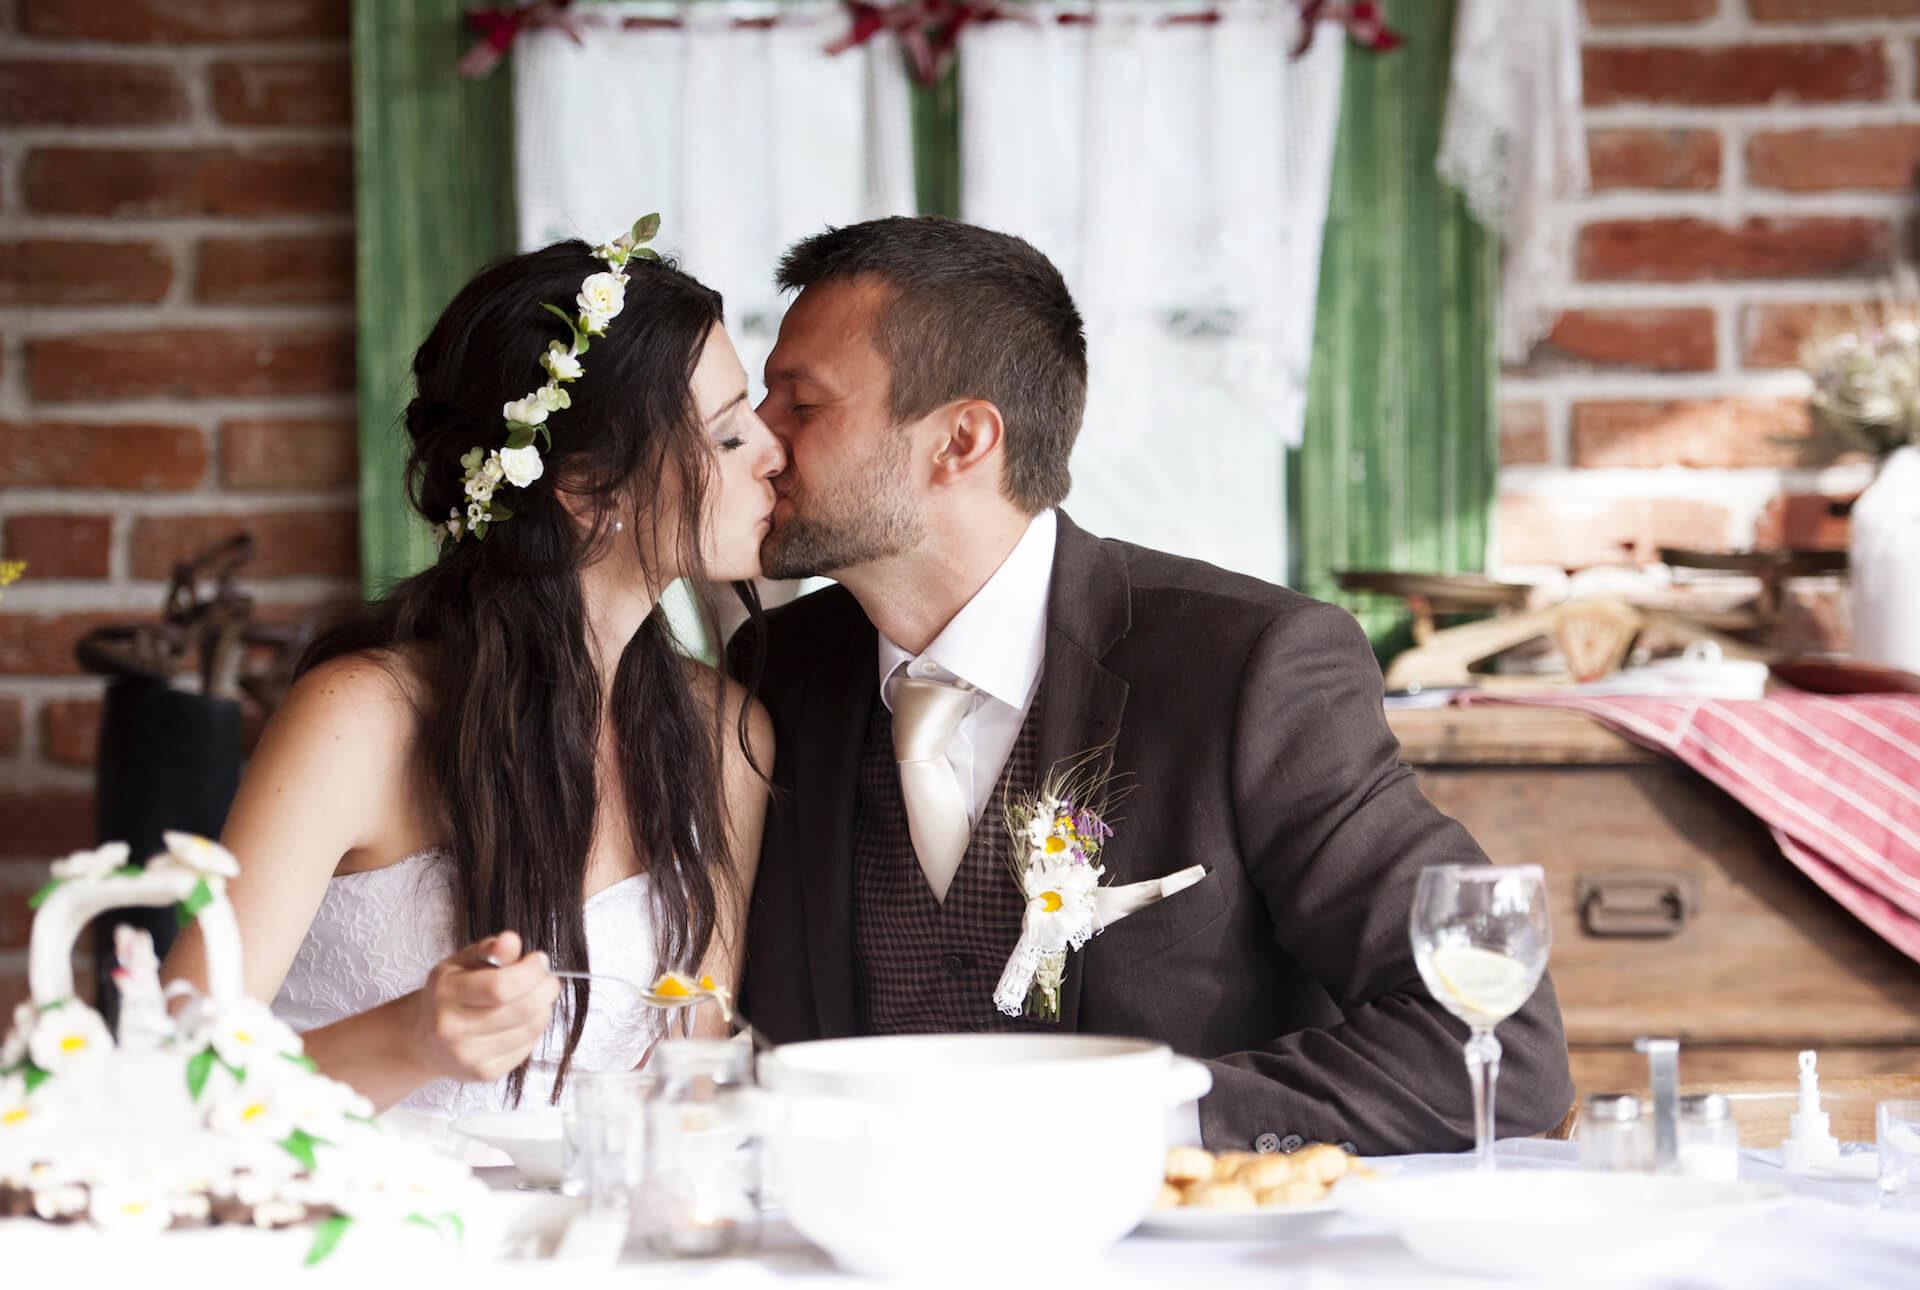 Nevěsta s ženichem při polibku na venkovské svatbě u cihlové zdi